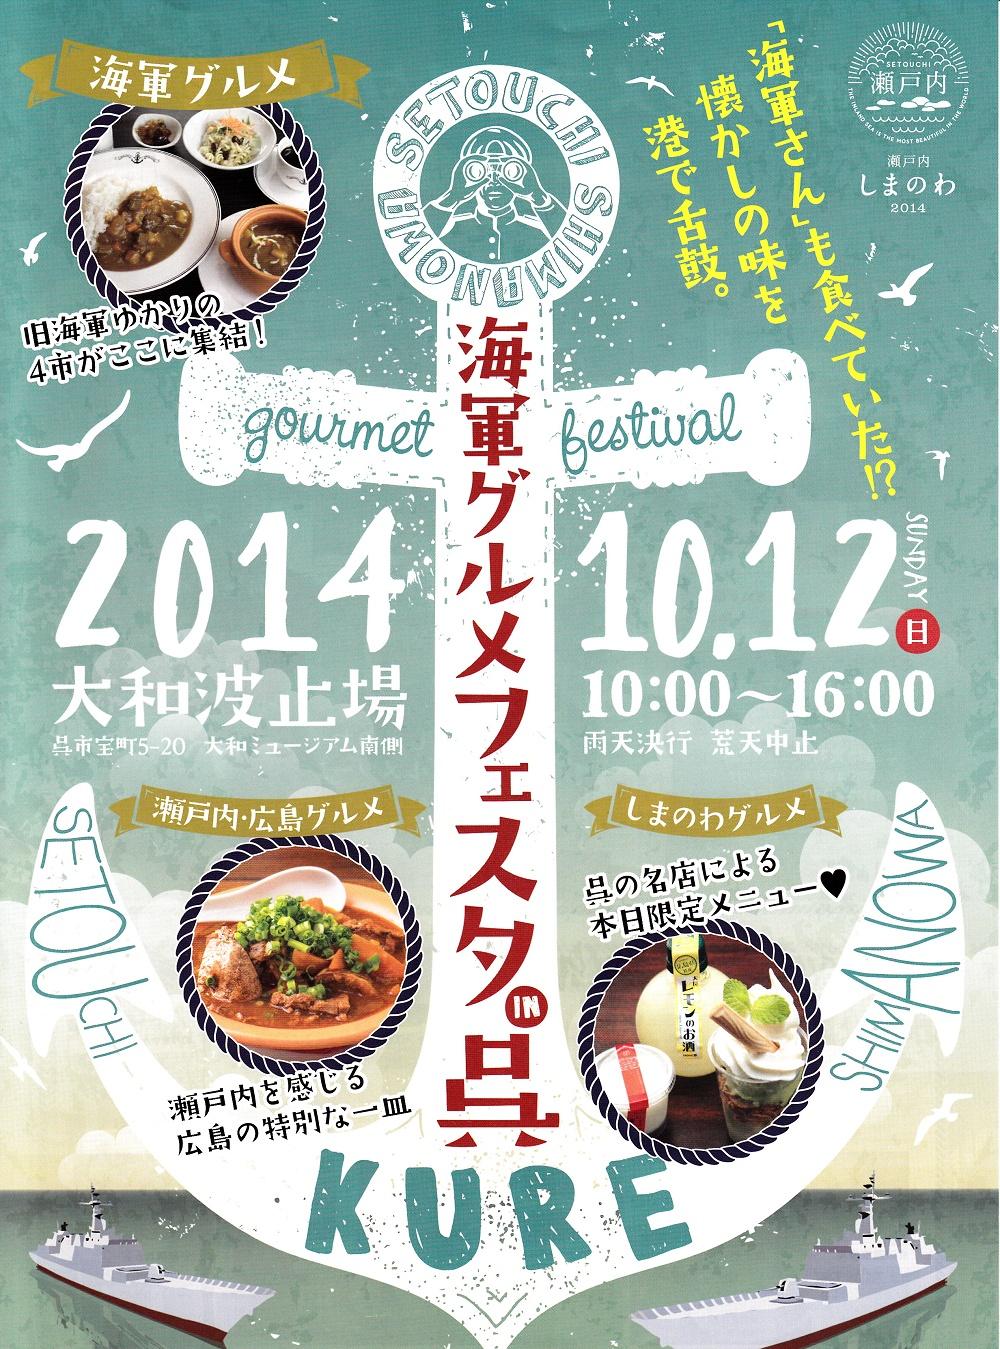 海軍さんが愛したグルメと広島・瀬戸内ご当地グルメの祭典